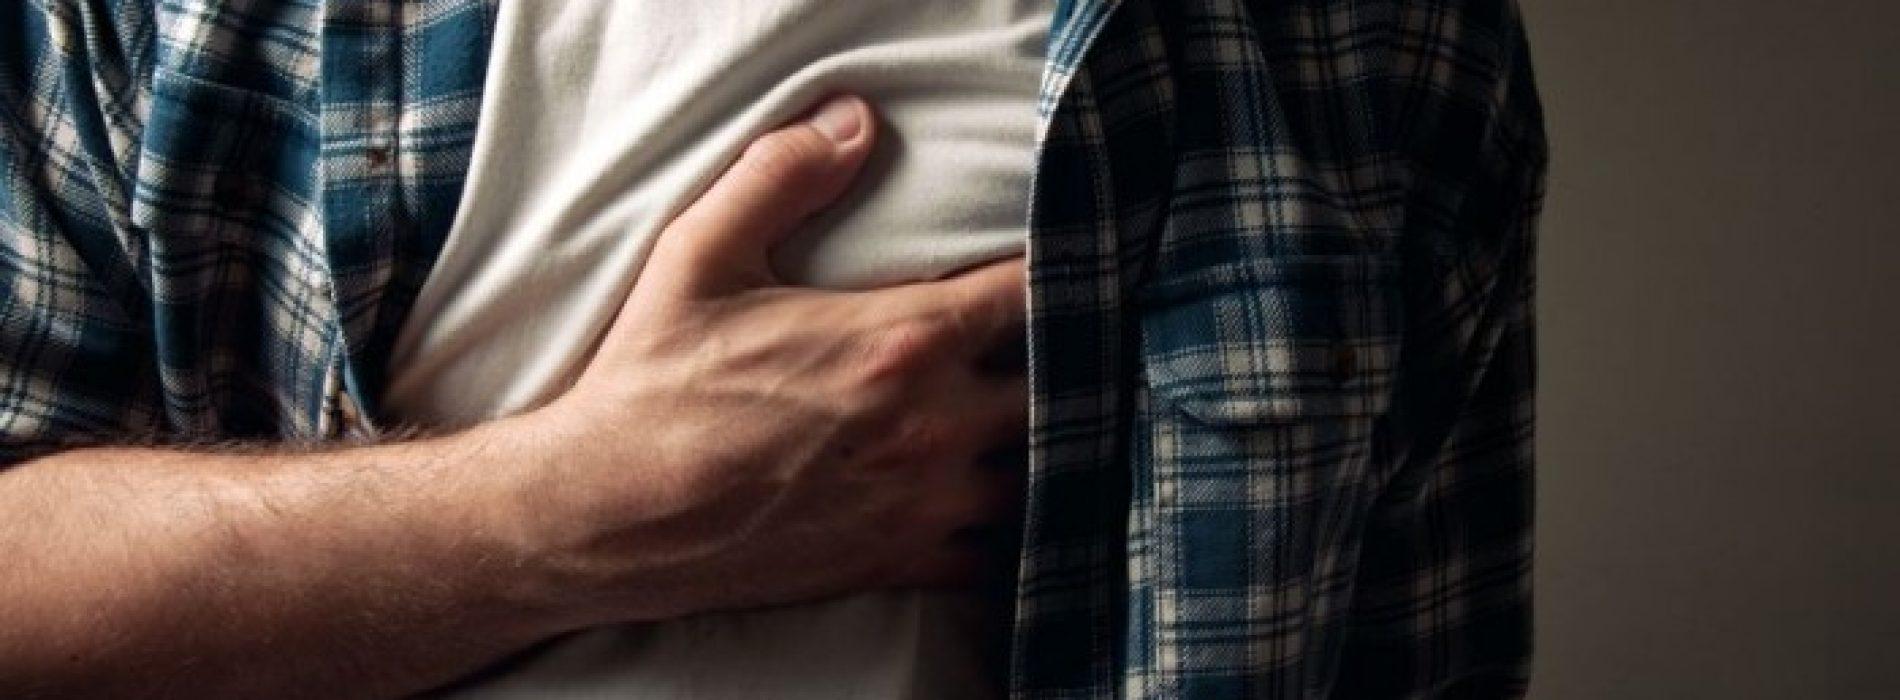 Verkeerd voedingsadvies overheid en hartstichting grotendeels verantwoordelijk voor forse stijging hartproblemen